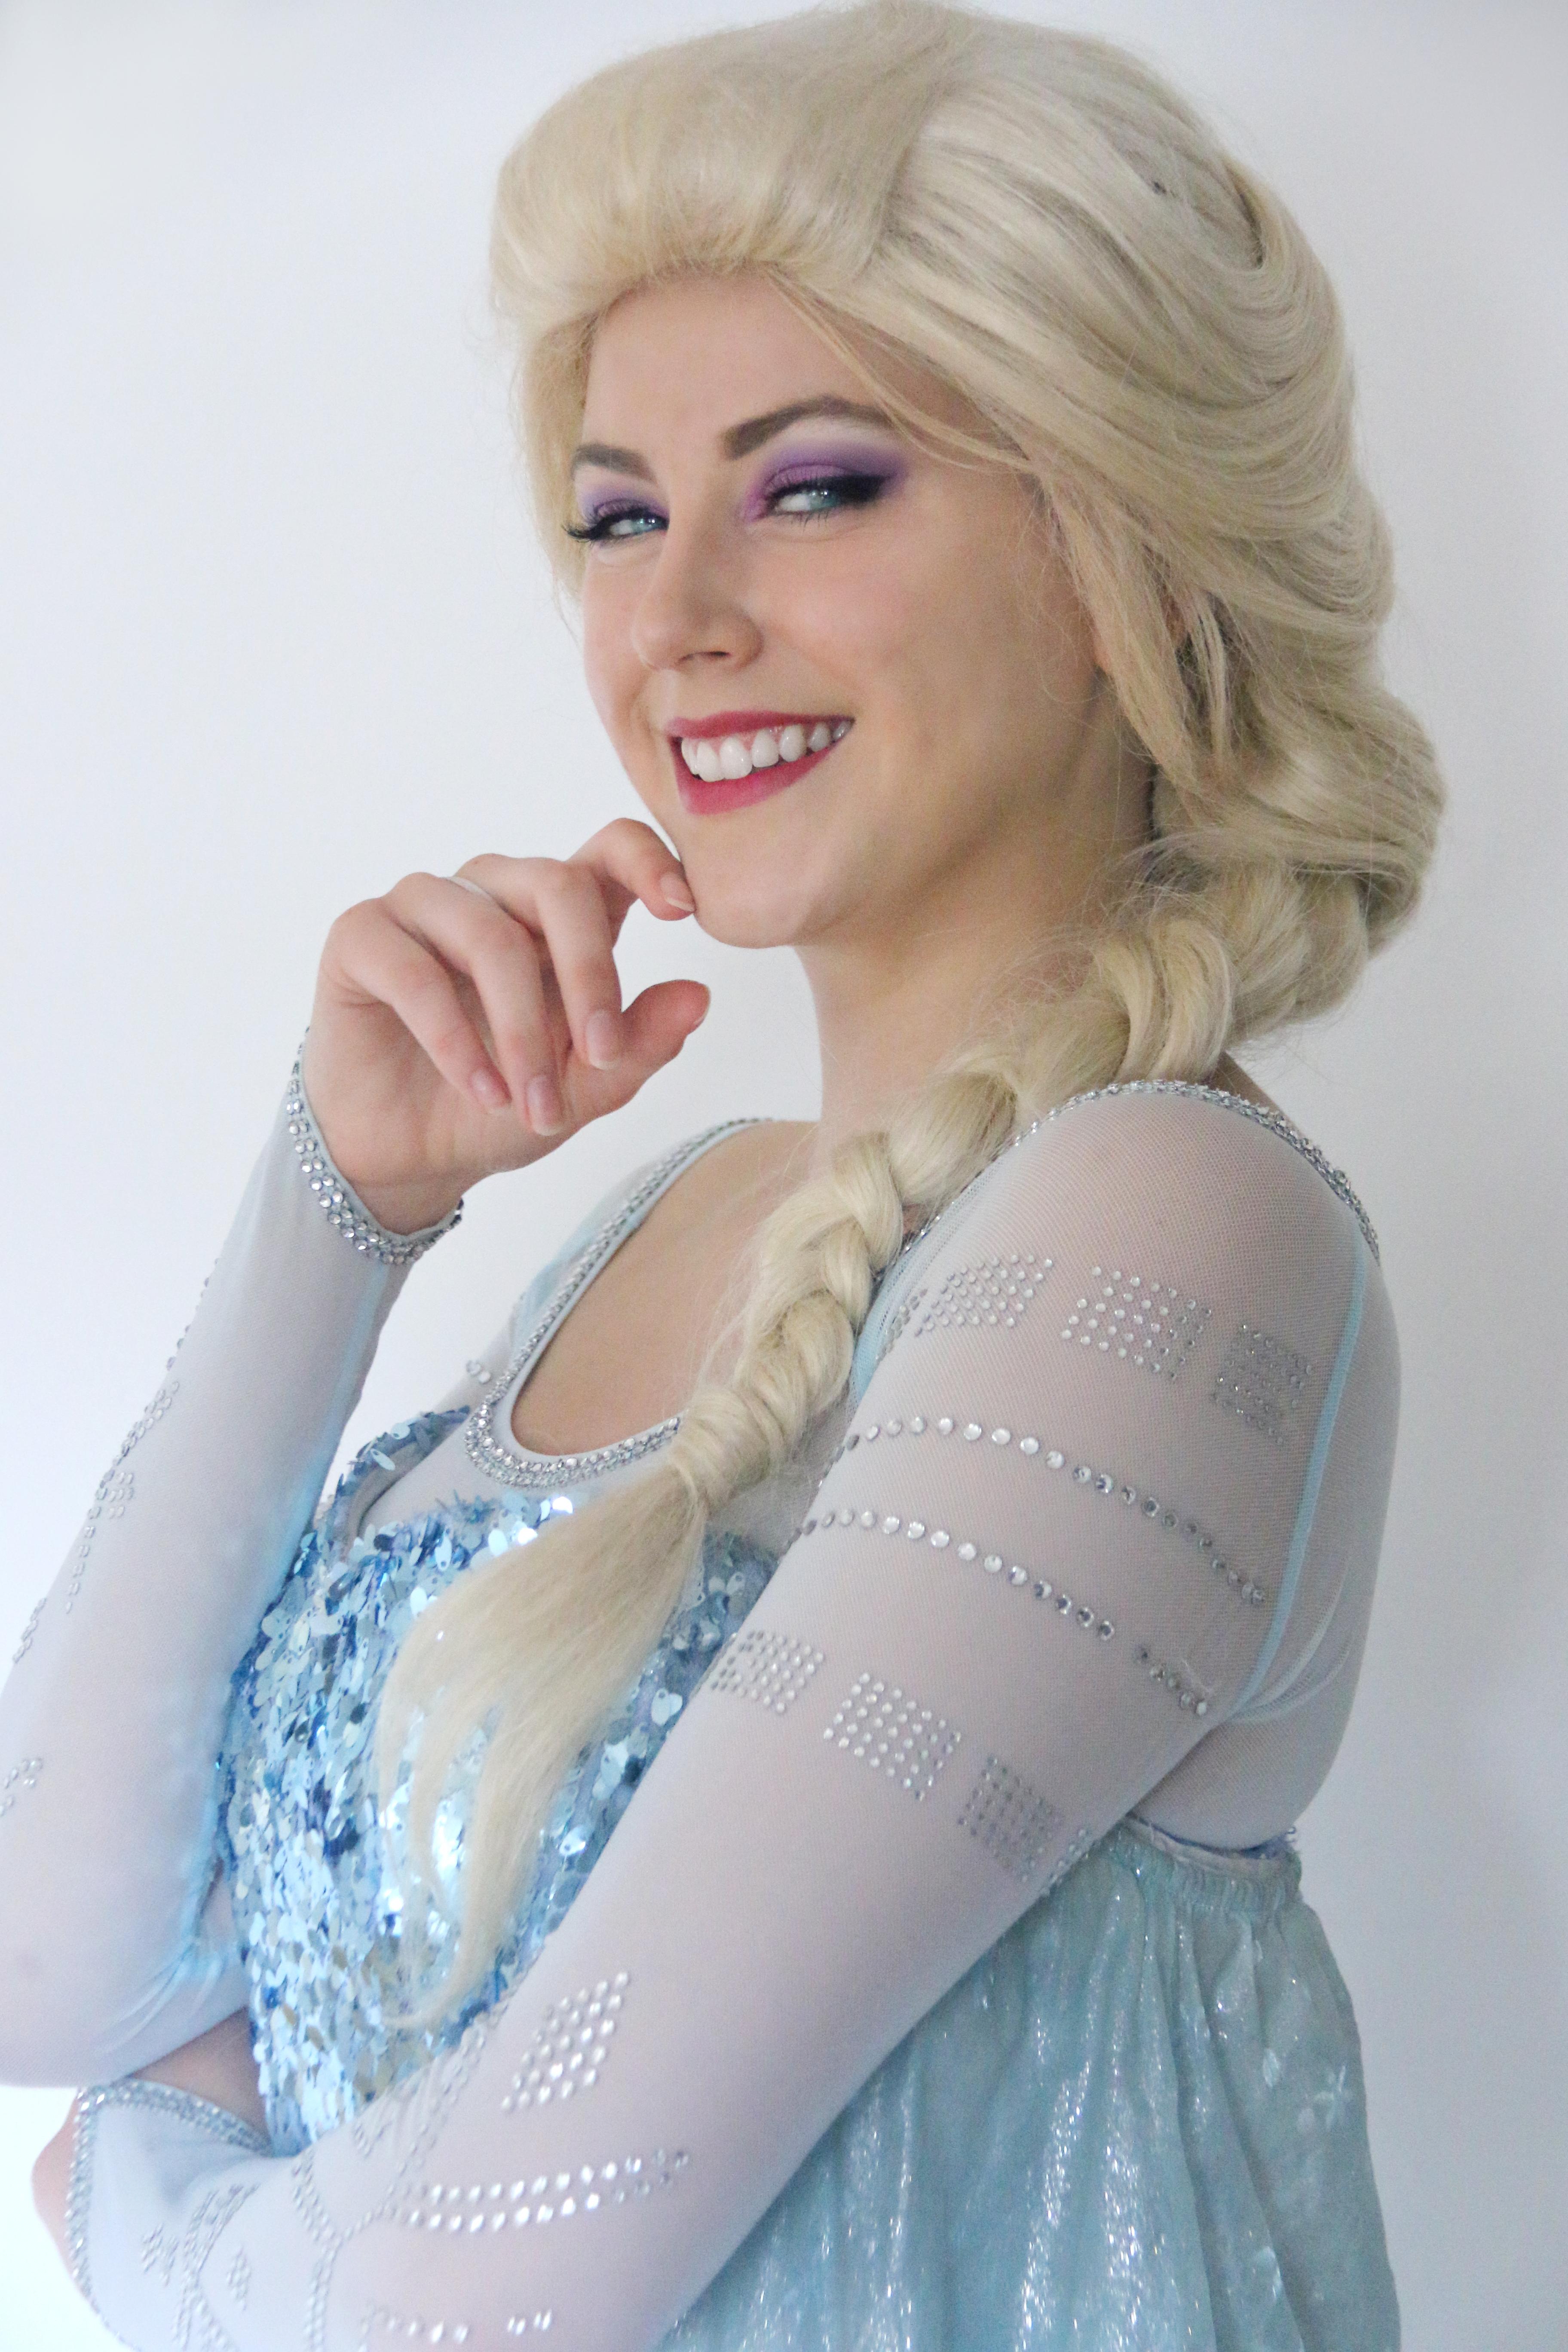 Performer Emma